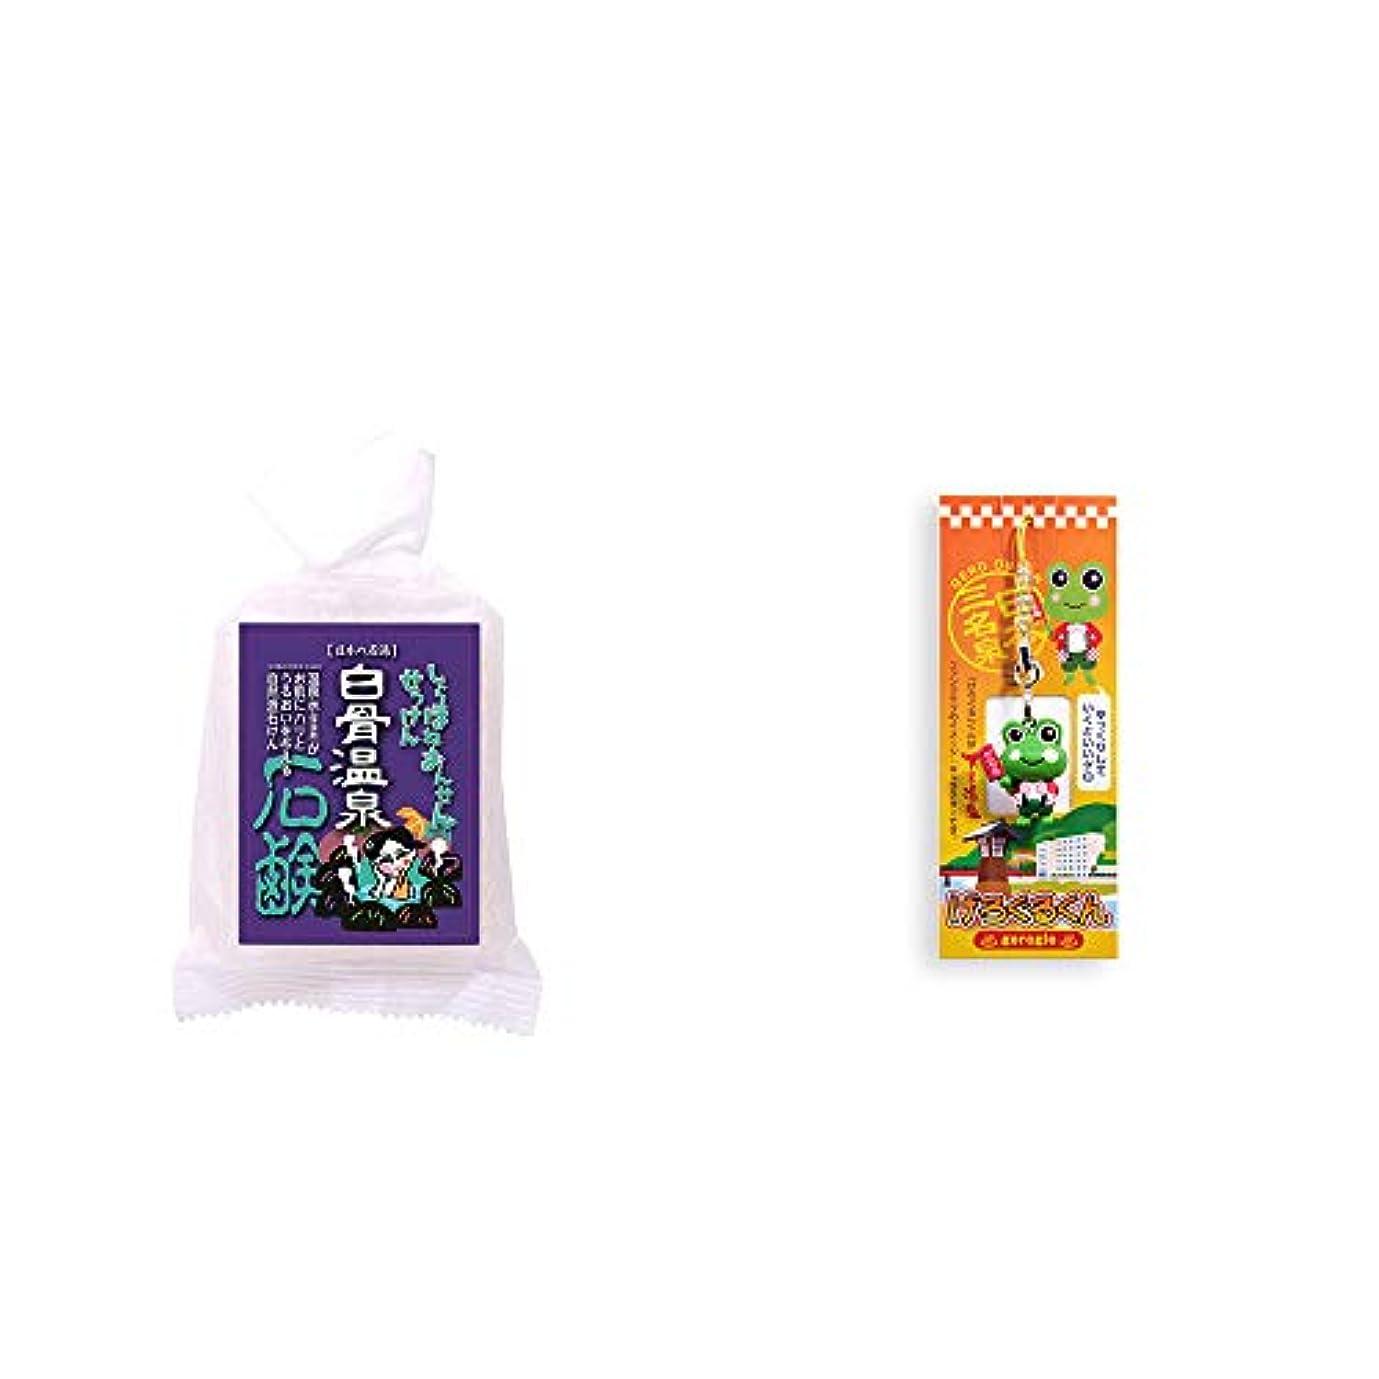 酔った香水プログラム[2点セット] 信州 白骨温泉石鹸(80g)?下呂温泉ファンクラブのイメージキャラクター げろぐるくんストラップ